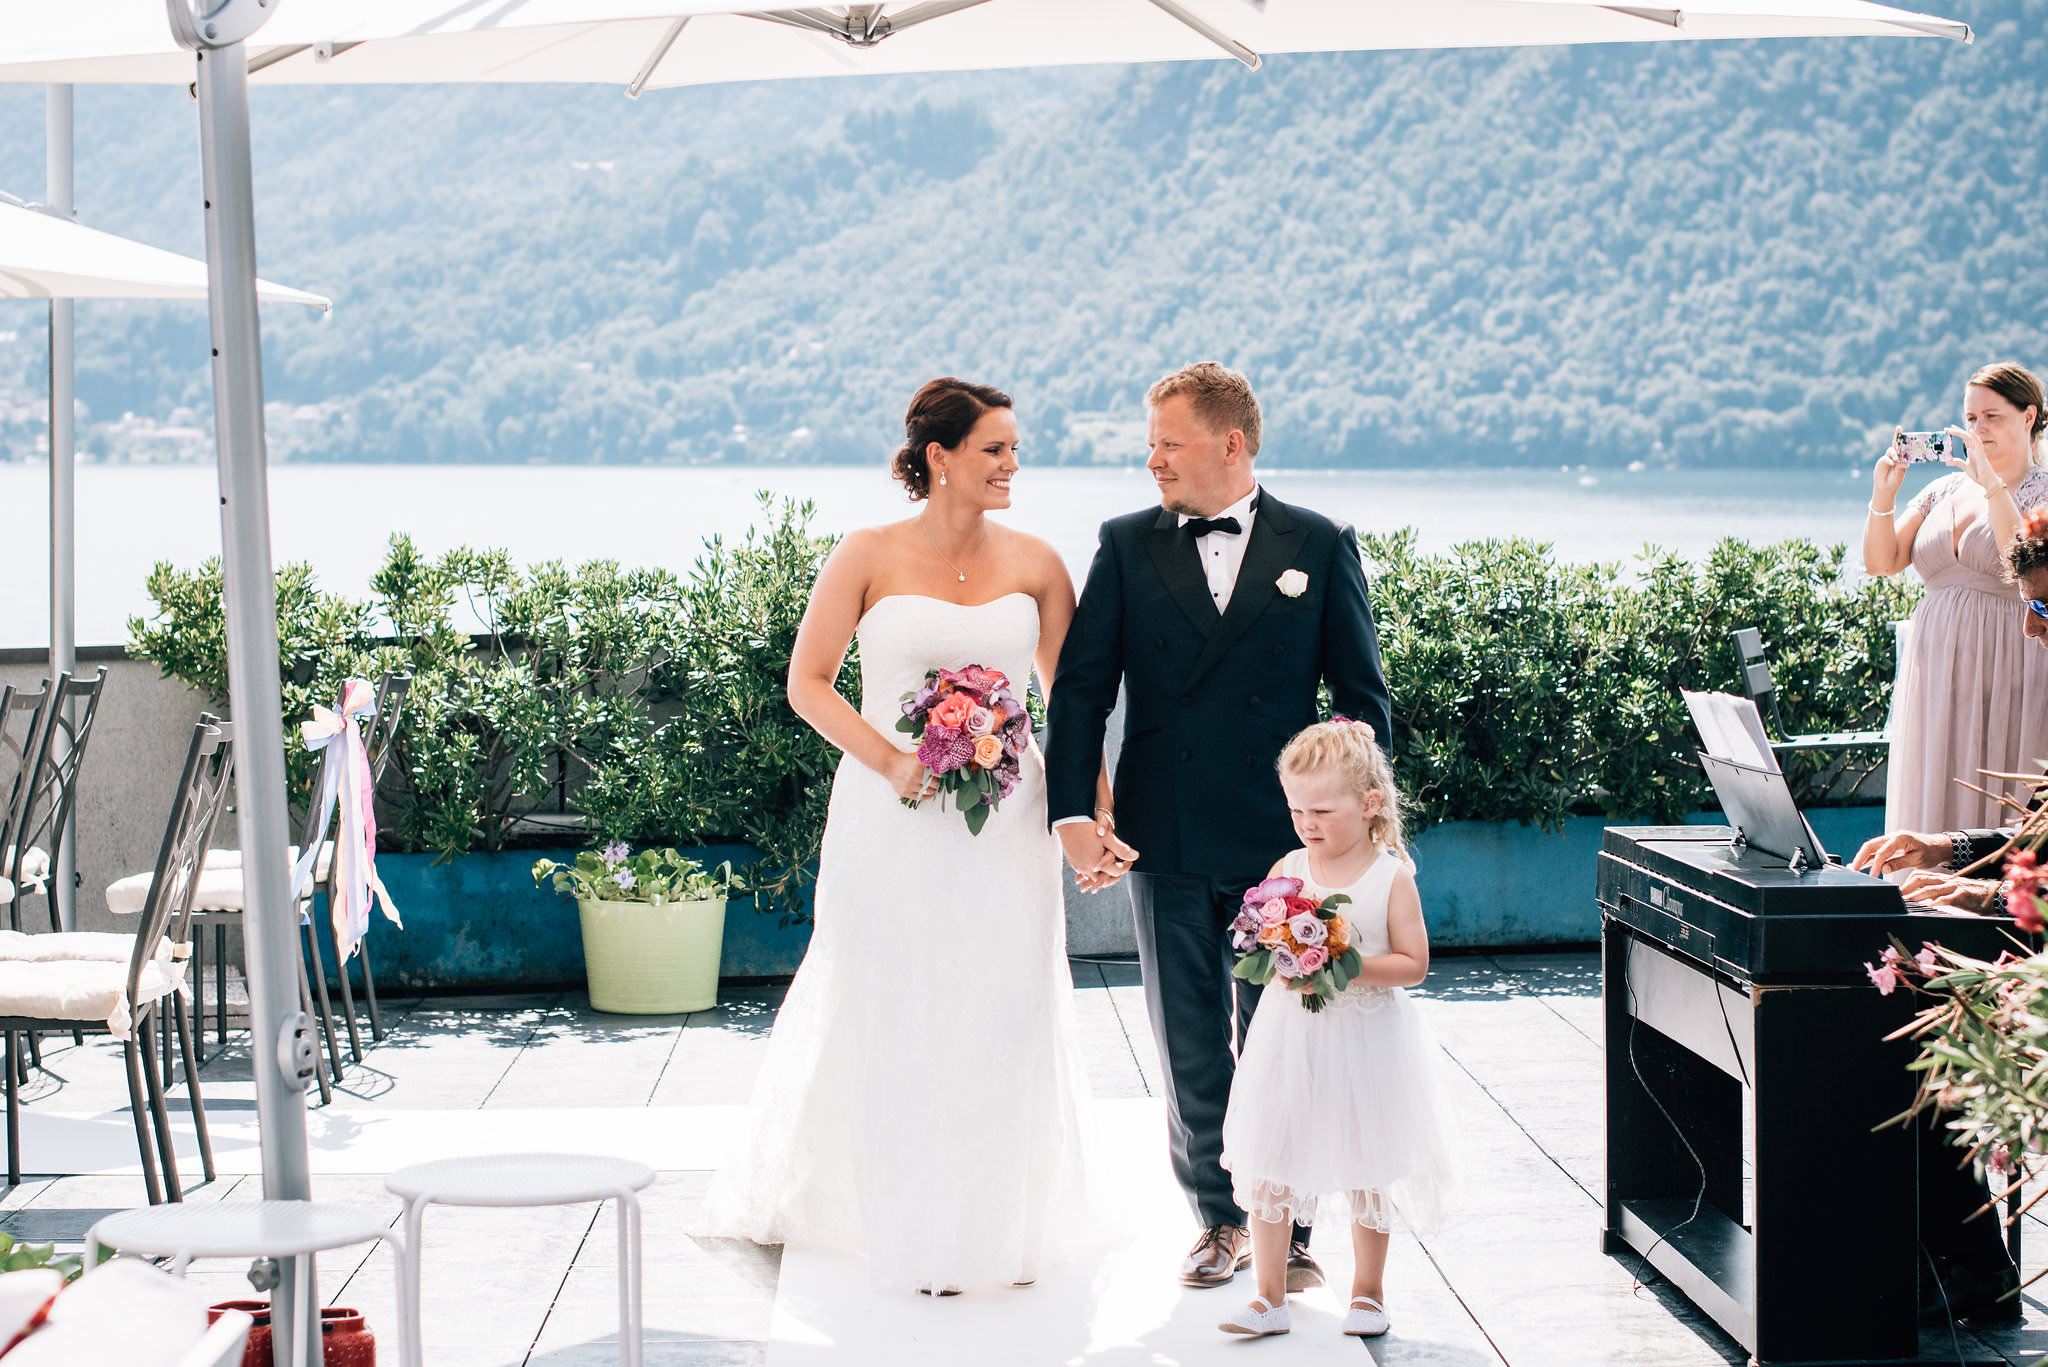 _N854886-fotograf-italia-bryllup.jpg